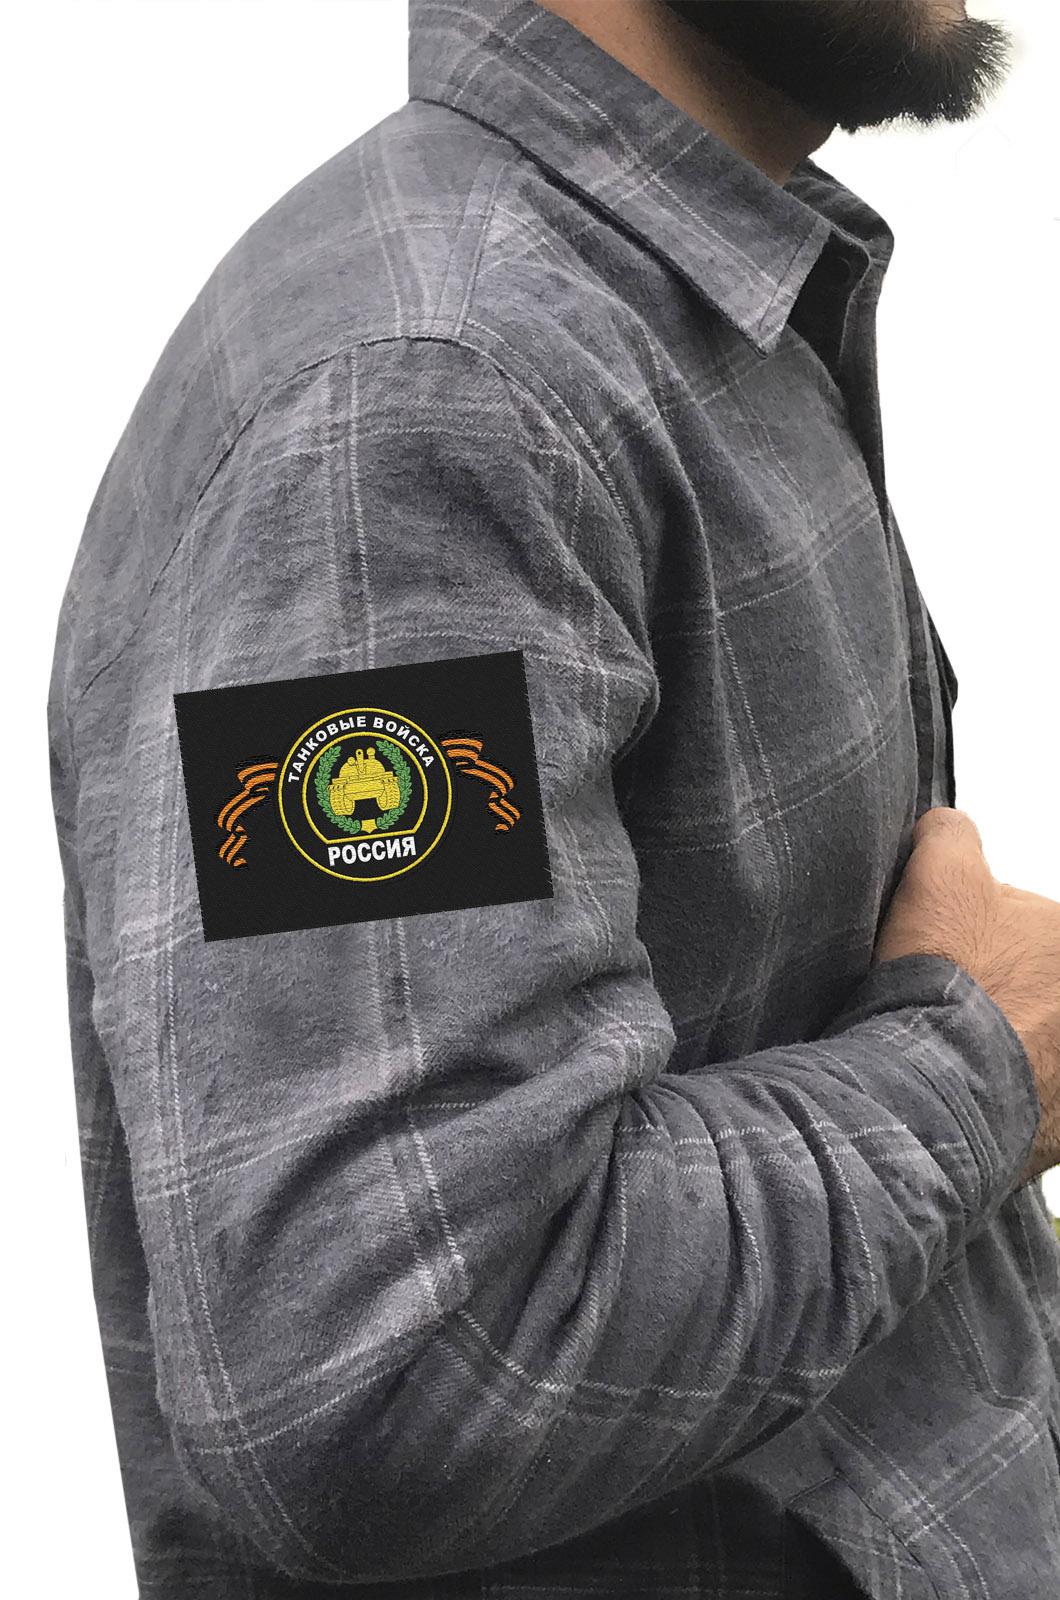 Лаконичная рубашка с вышитой эмблемой Танковые Войска - купить в розницу